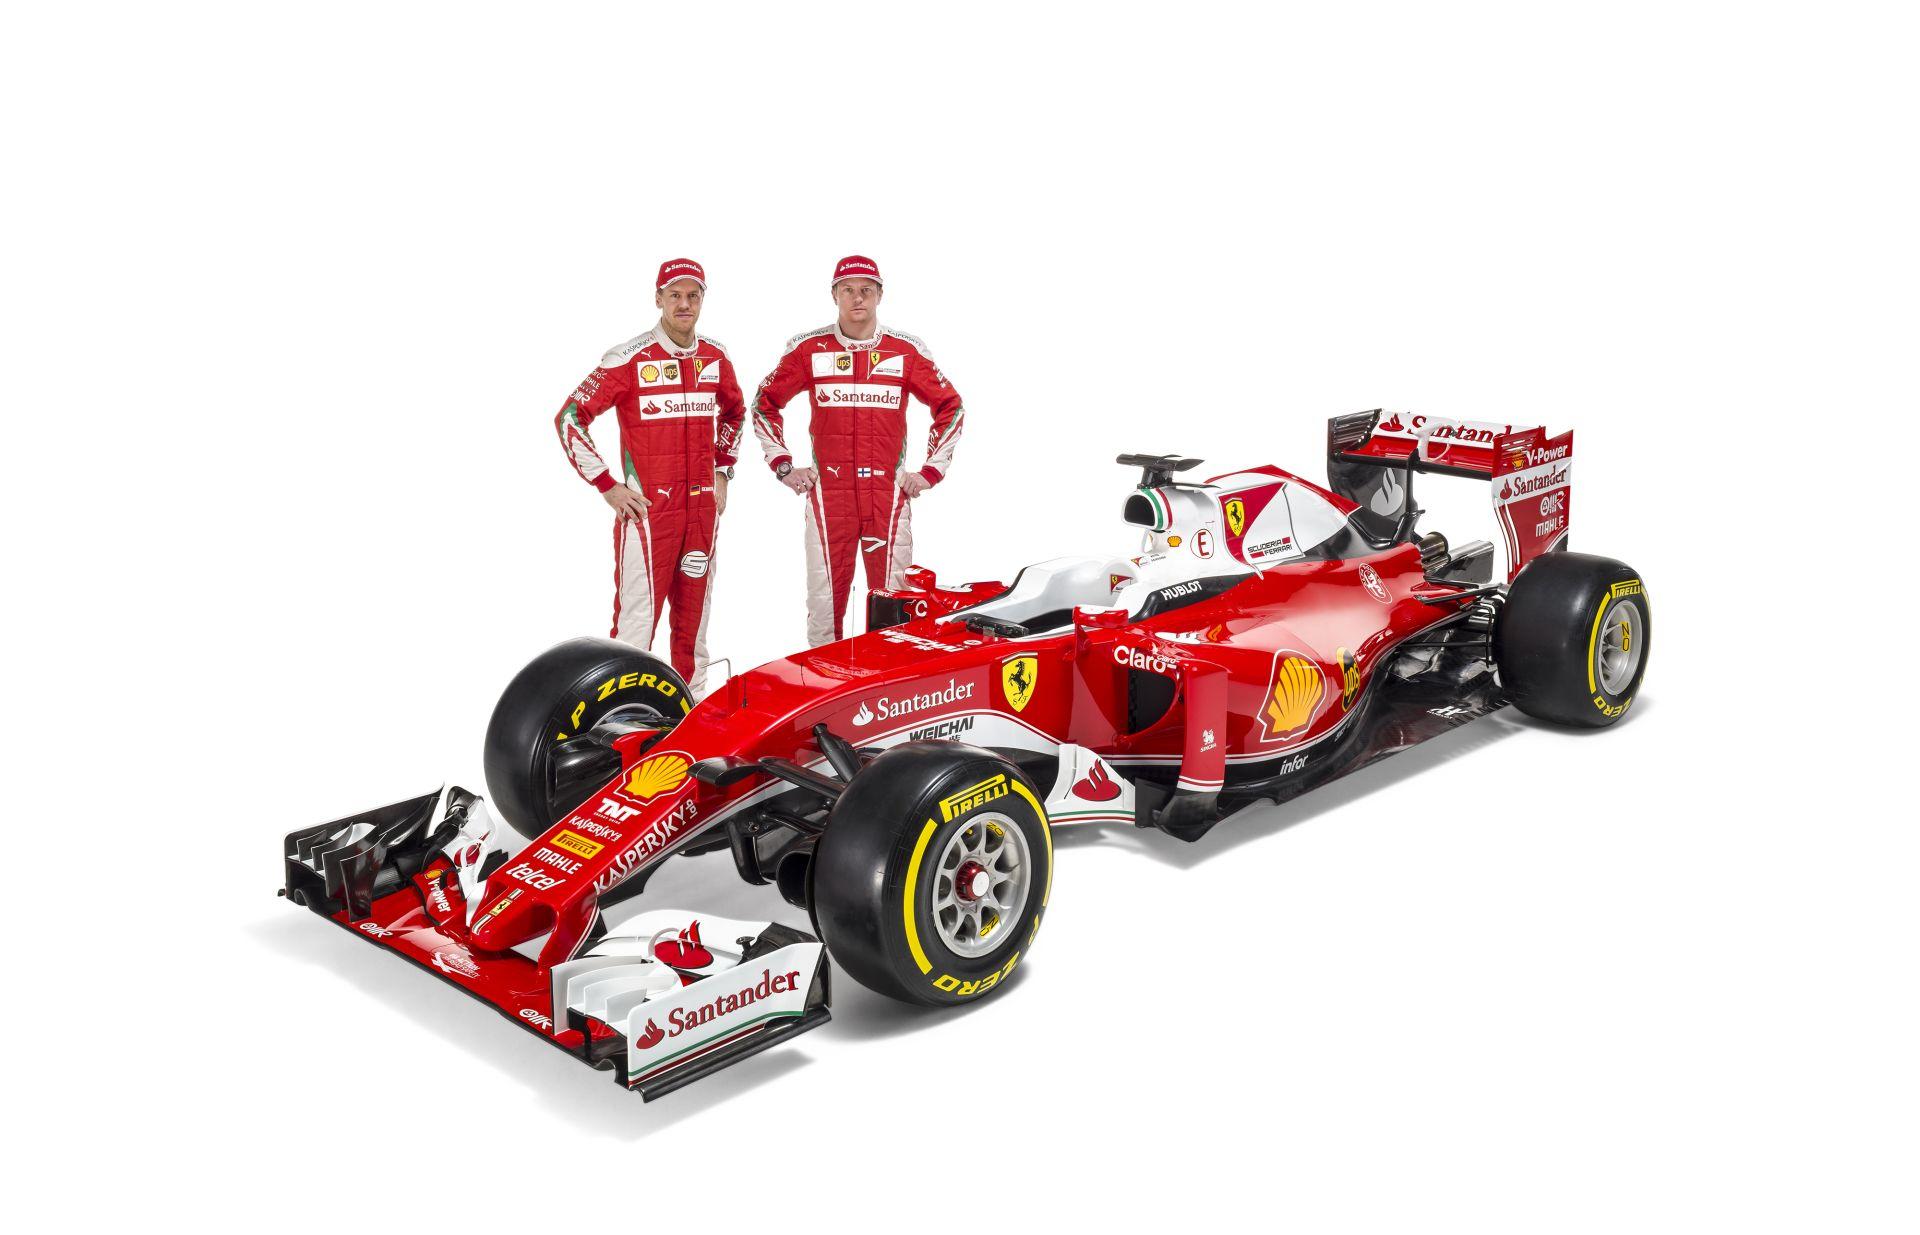 Vettel egyelőre óriási pontelőnnyel nyerte a boxmeccset a Ferrarinál Räikkönen ellen